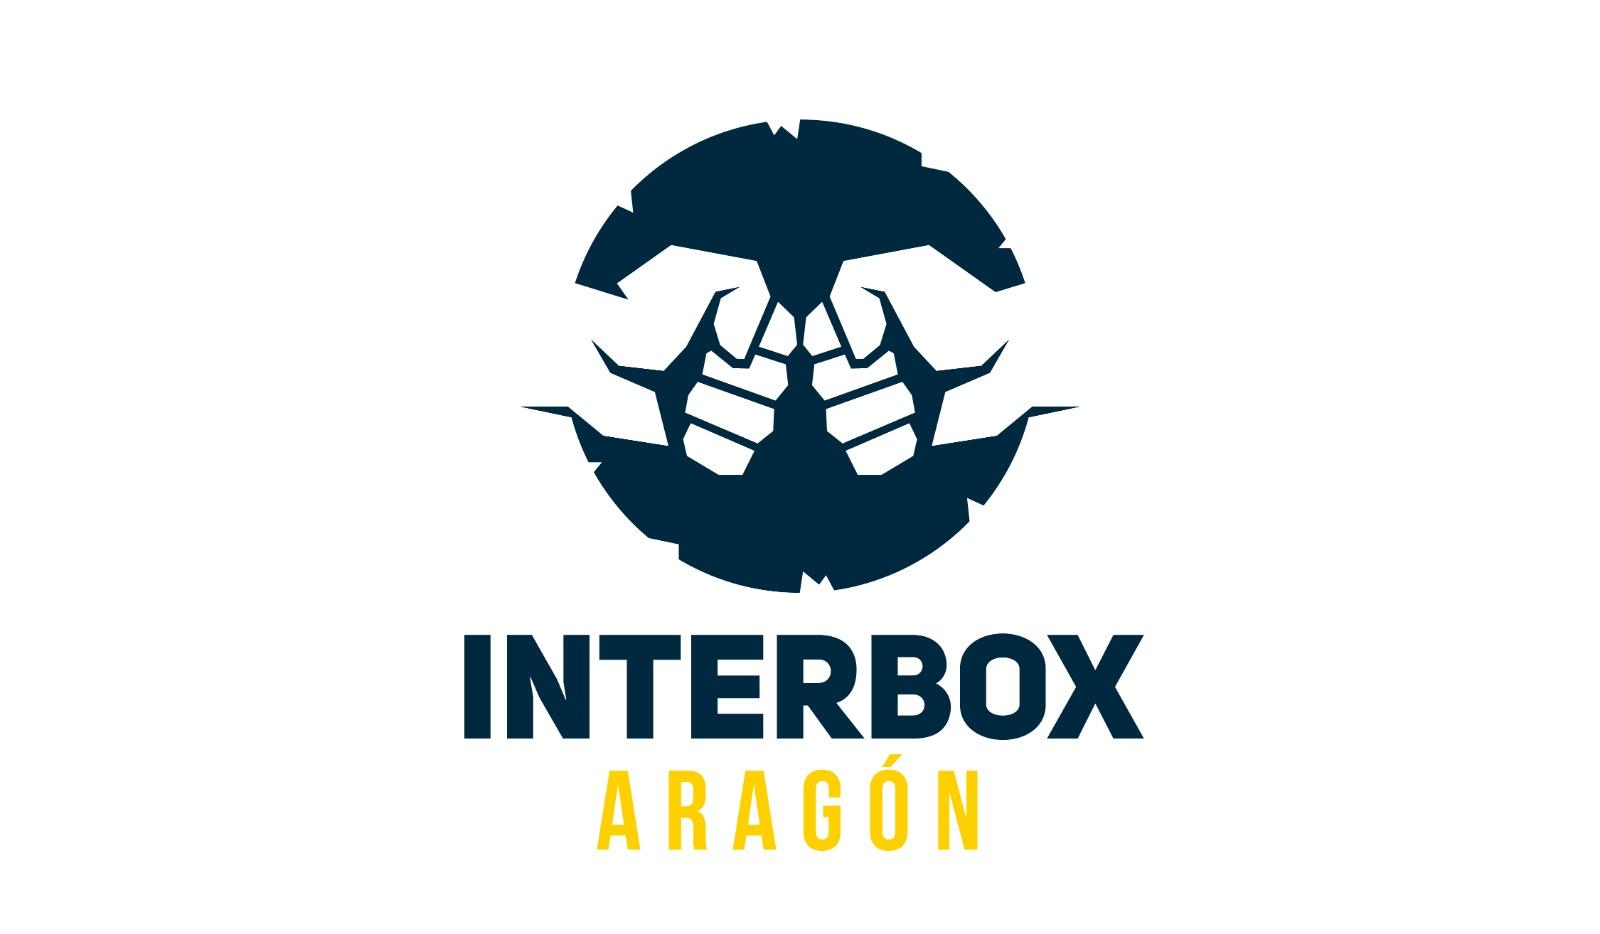 INTERBOX ARAGON I EDICIÓN